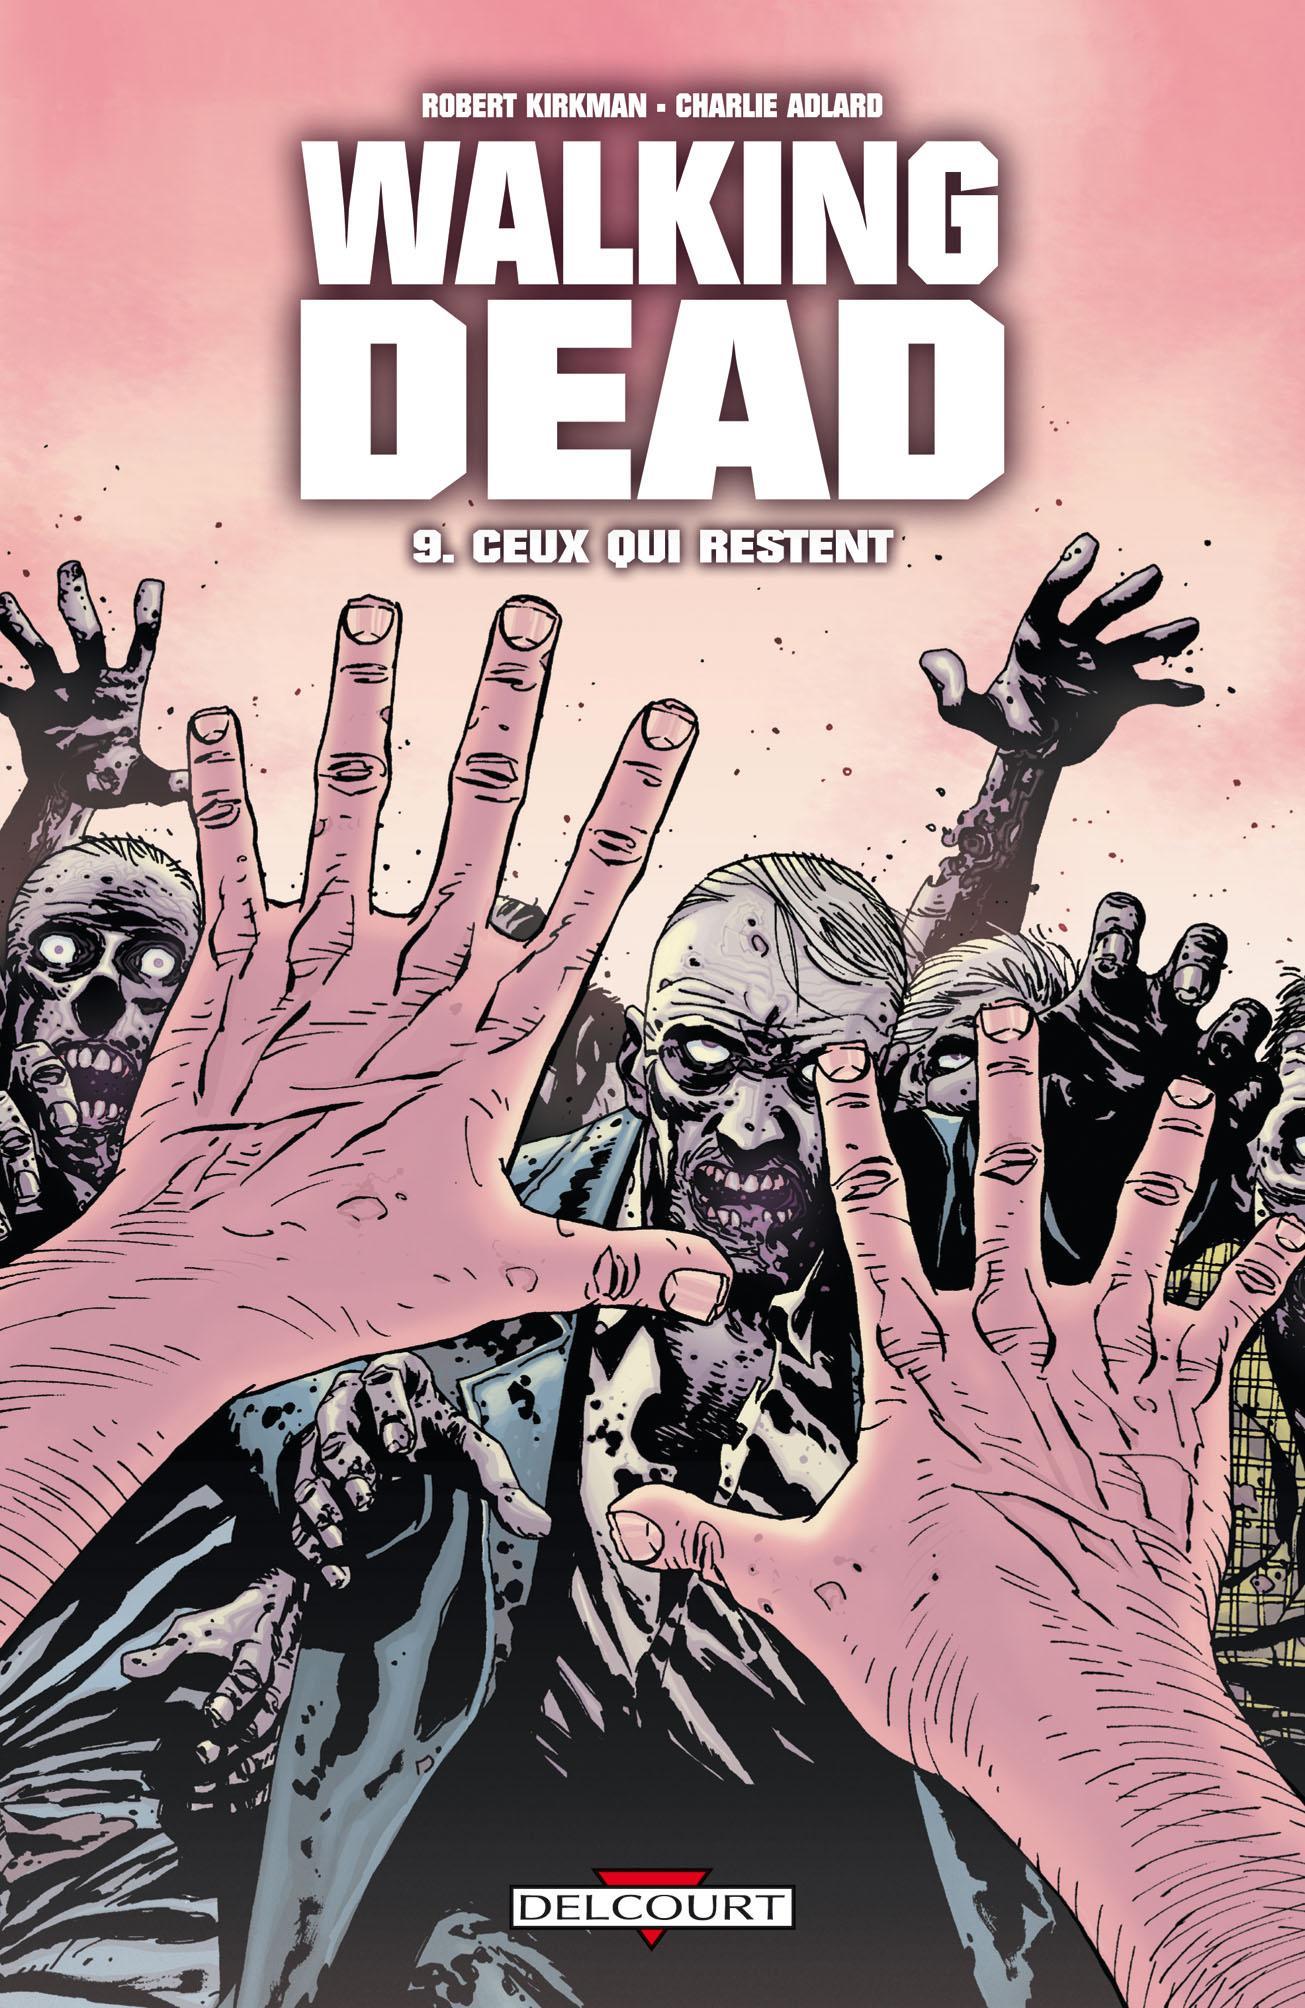 Walking Dead 9 - Ceux qui restent